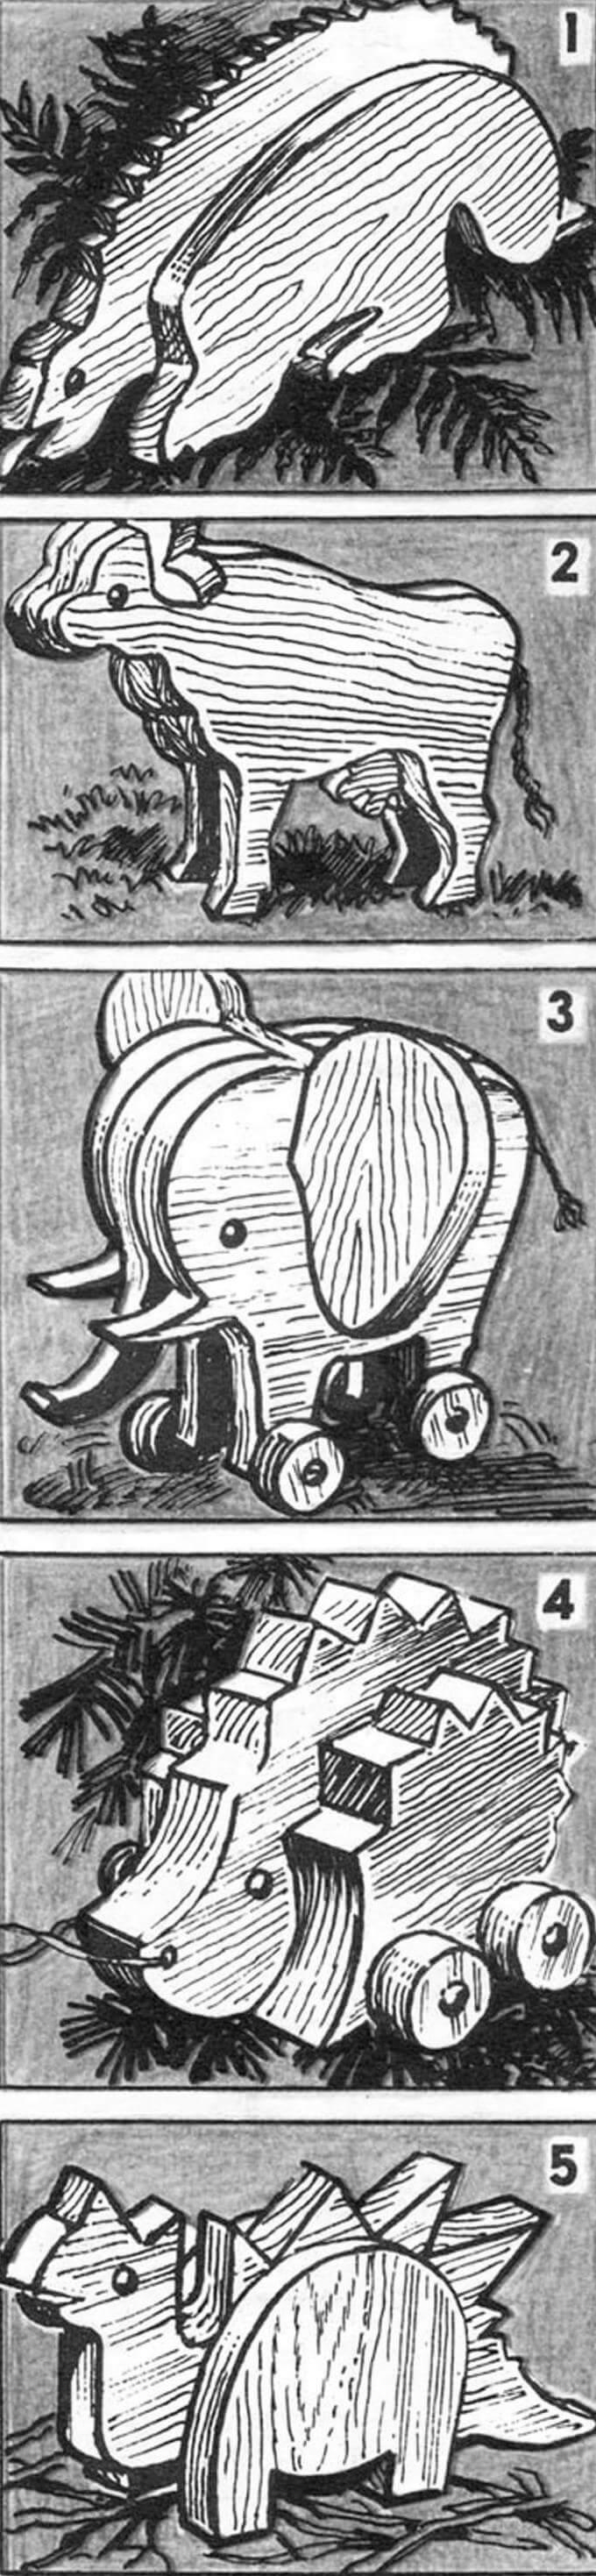 Плоскообъемные фигурки животных: 1 — ящера; 2 — коровы; 3 — слоненка; 4 — ежика; 5 — динозаврика.